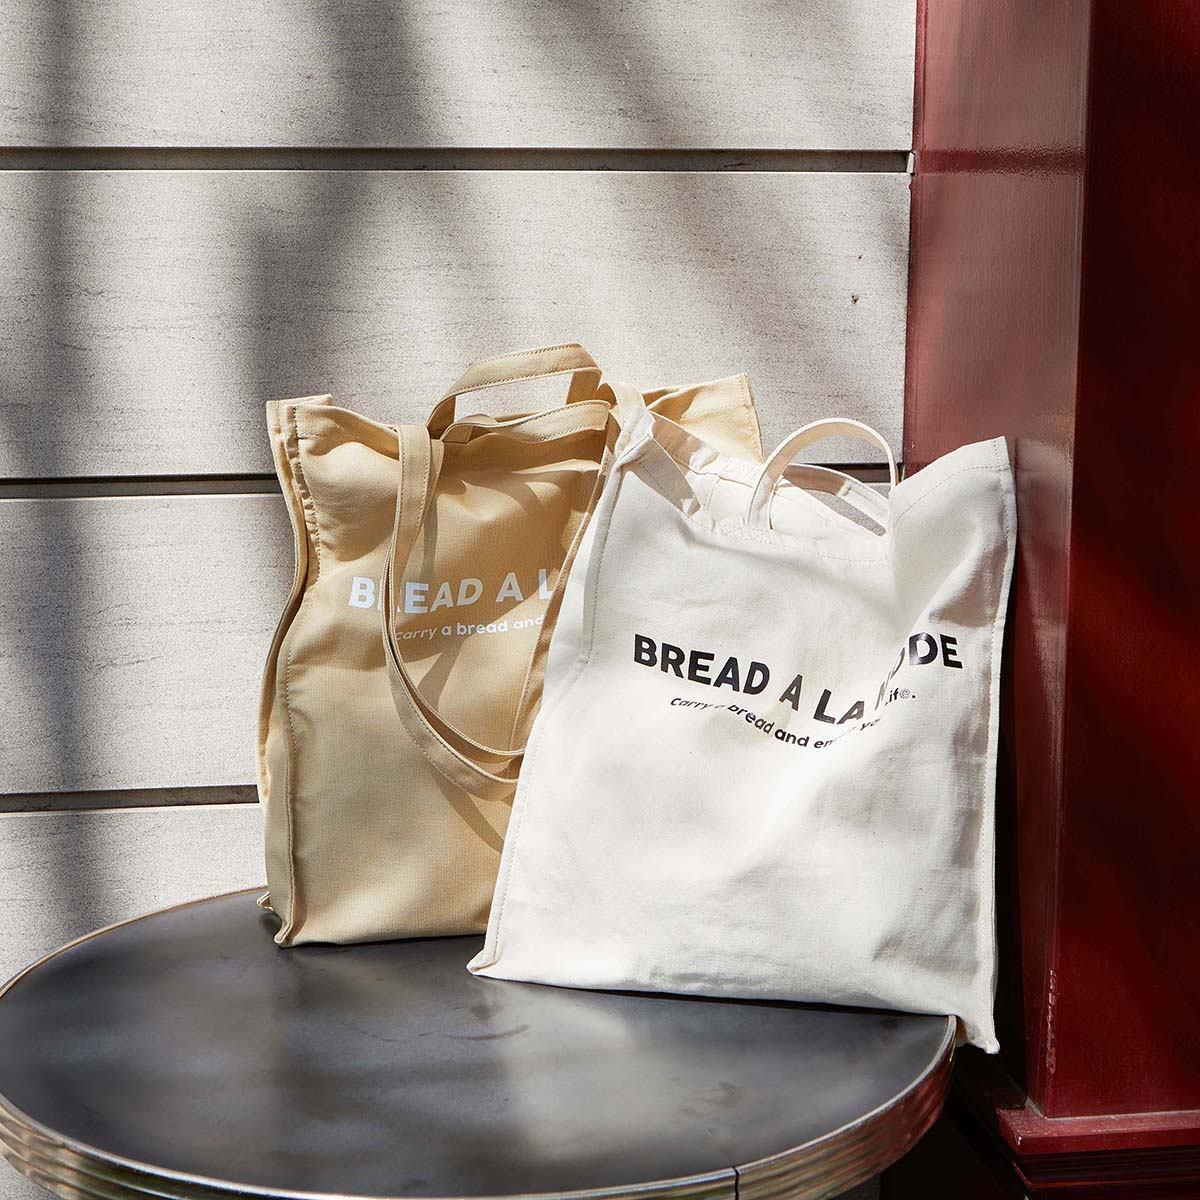 [ブレス トプカピ] Breath TOPKAPI 【パン野ゆり×Breath TOPKAPI】ブレッド・ア・ラ・モード トートバッグ